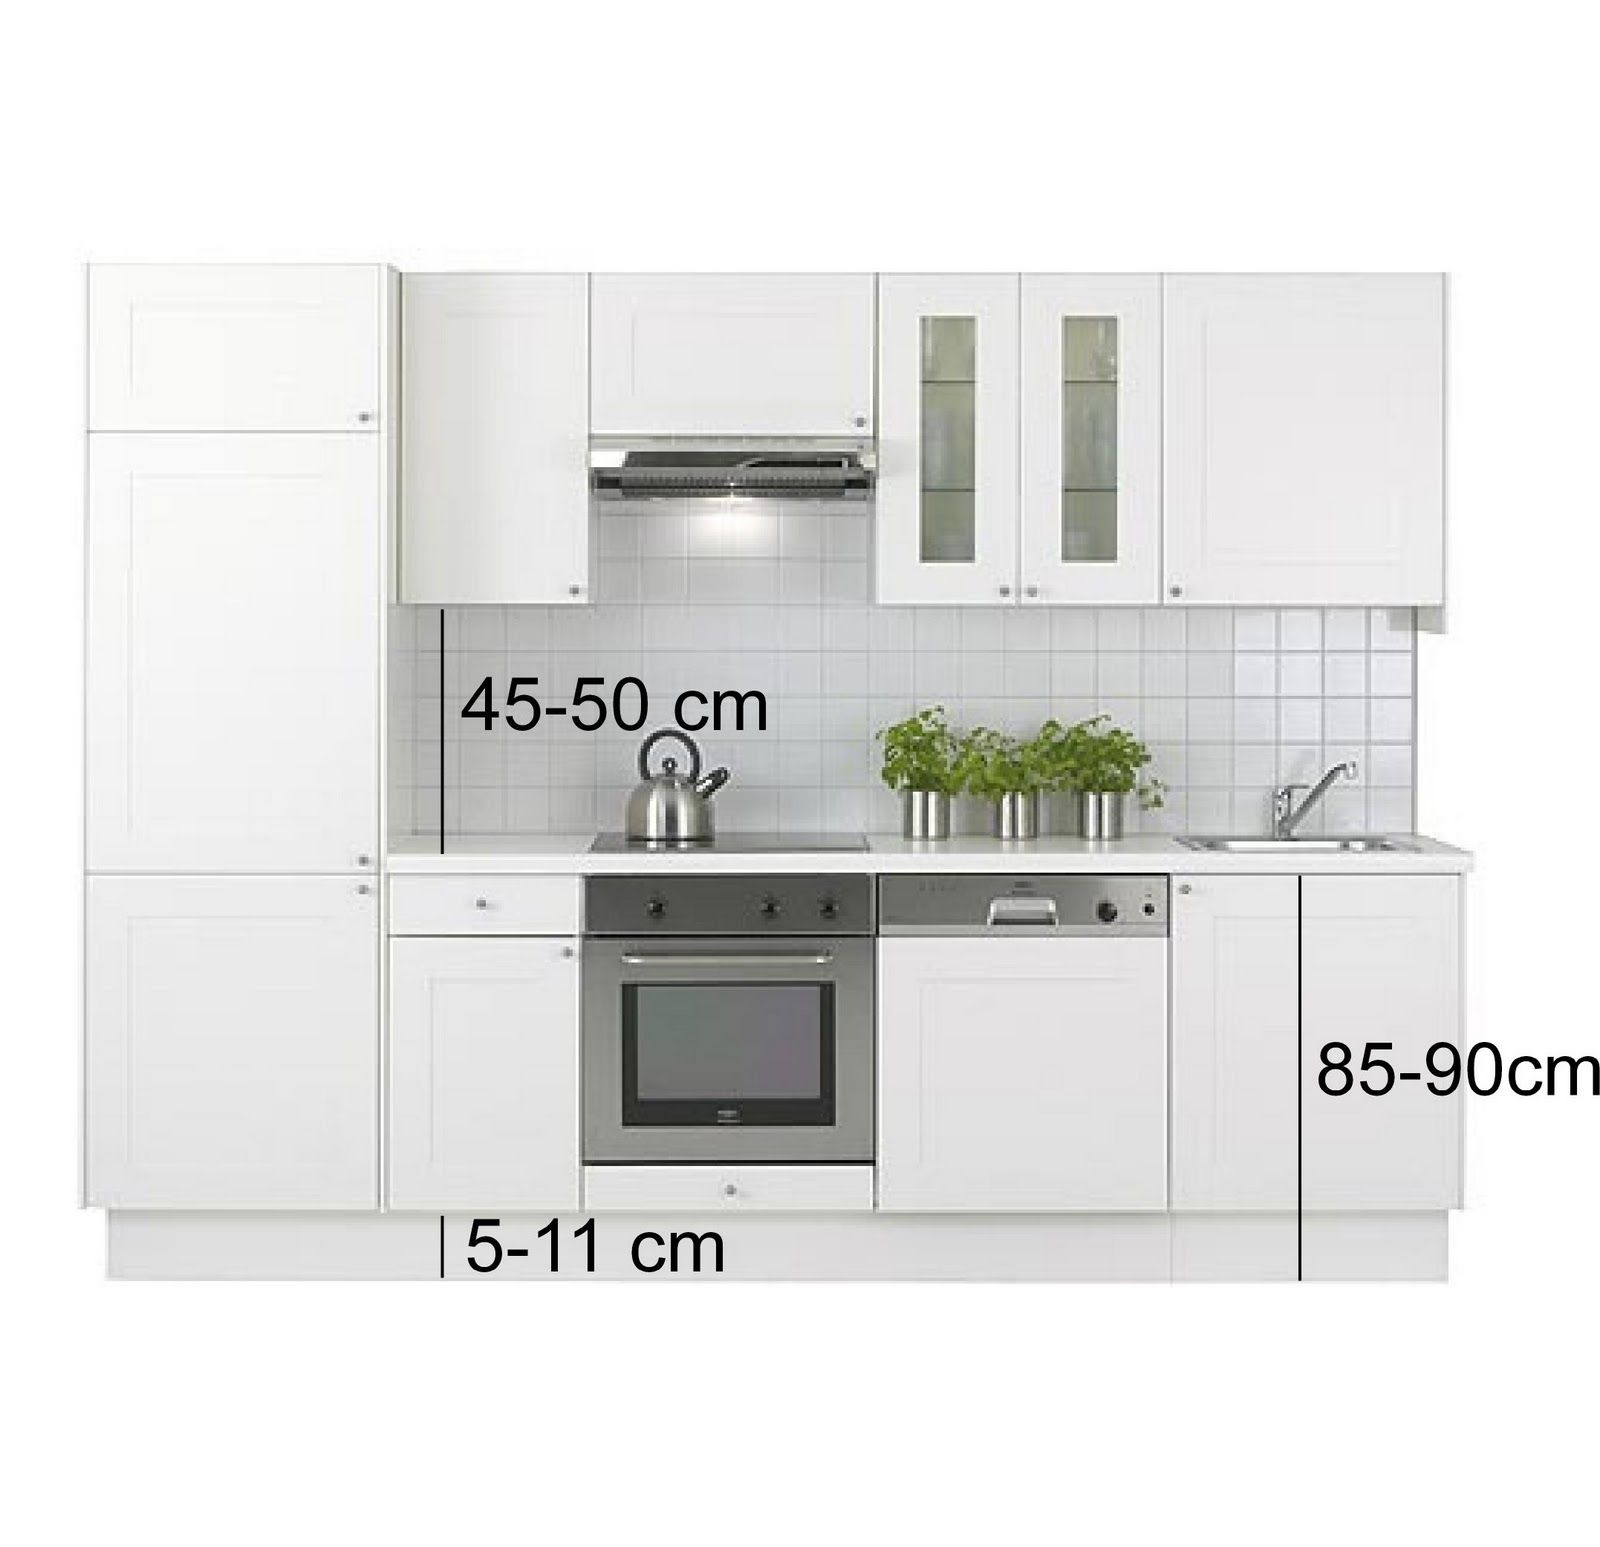 Medidas estandar en una cocina buscar con google for Medidas estandar de modulos de cocina